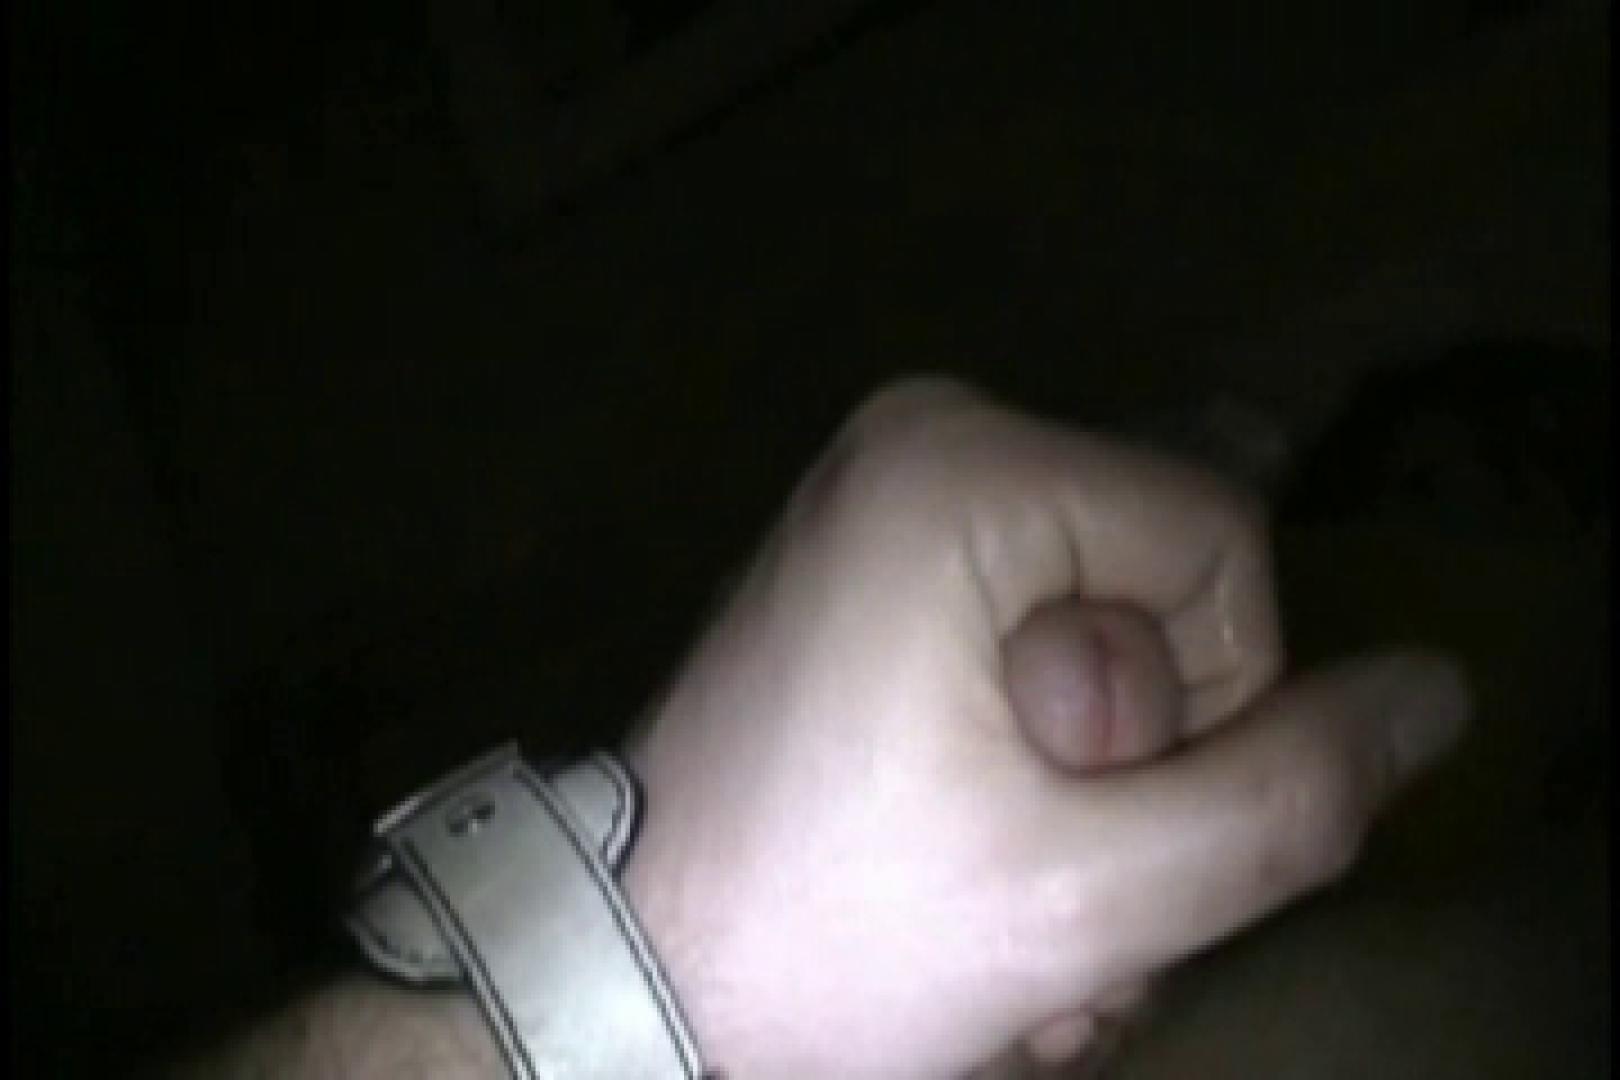 夢撮!!もぎ撮り悪戯一本勝負!! In the world NO.4 イケメンパラダイス ゲイエロ動画 86pic 29